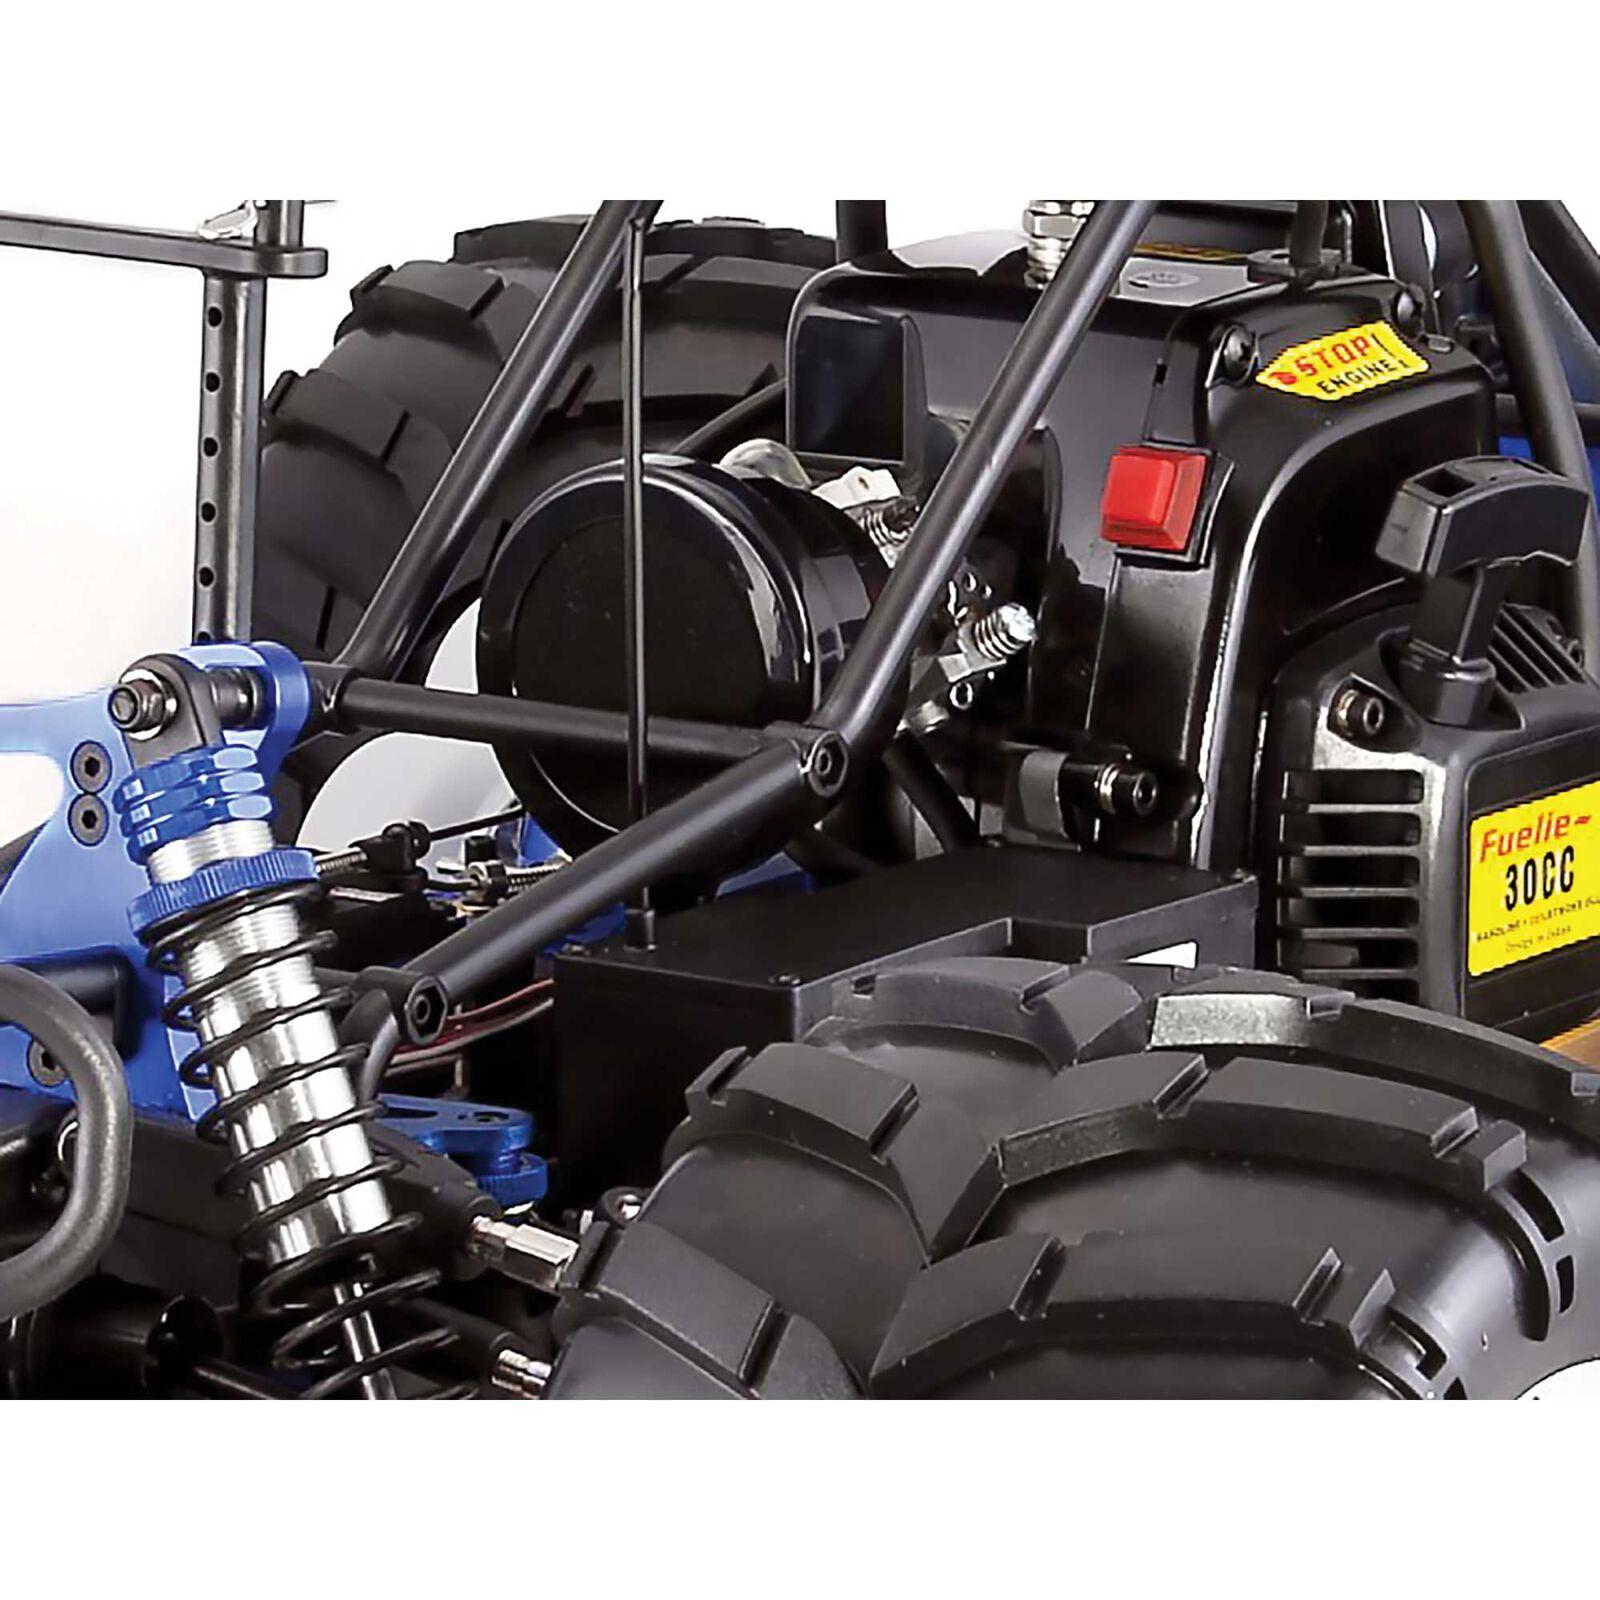 1/5 Rampage MT V3 4WD Gas Monster Truck RTR, Orange Flame